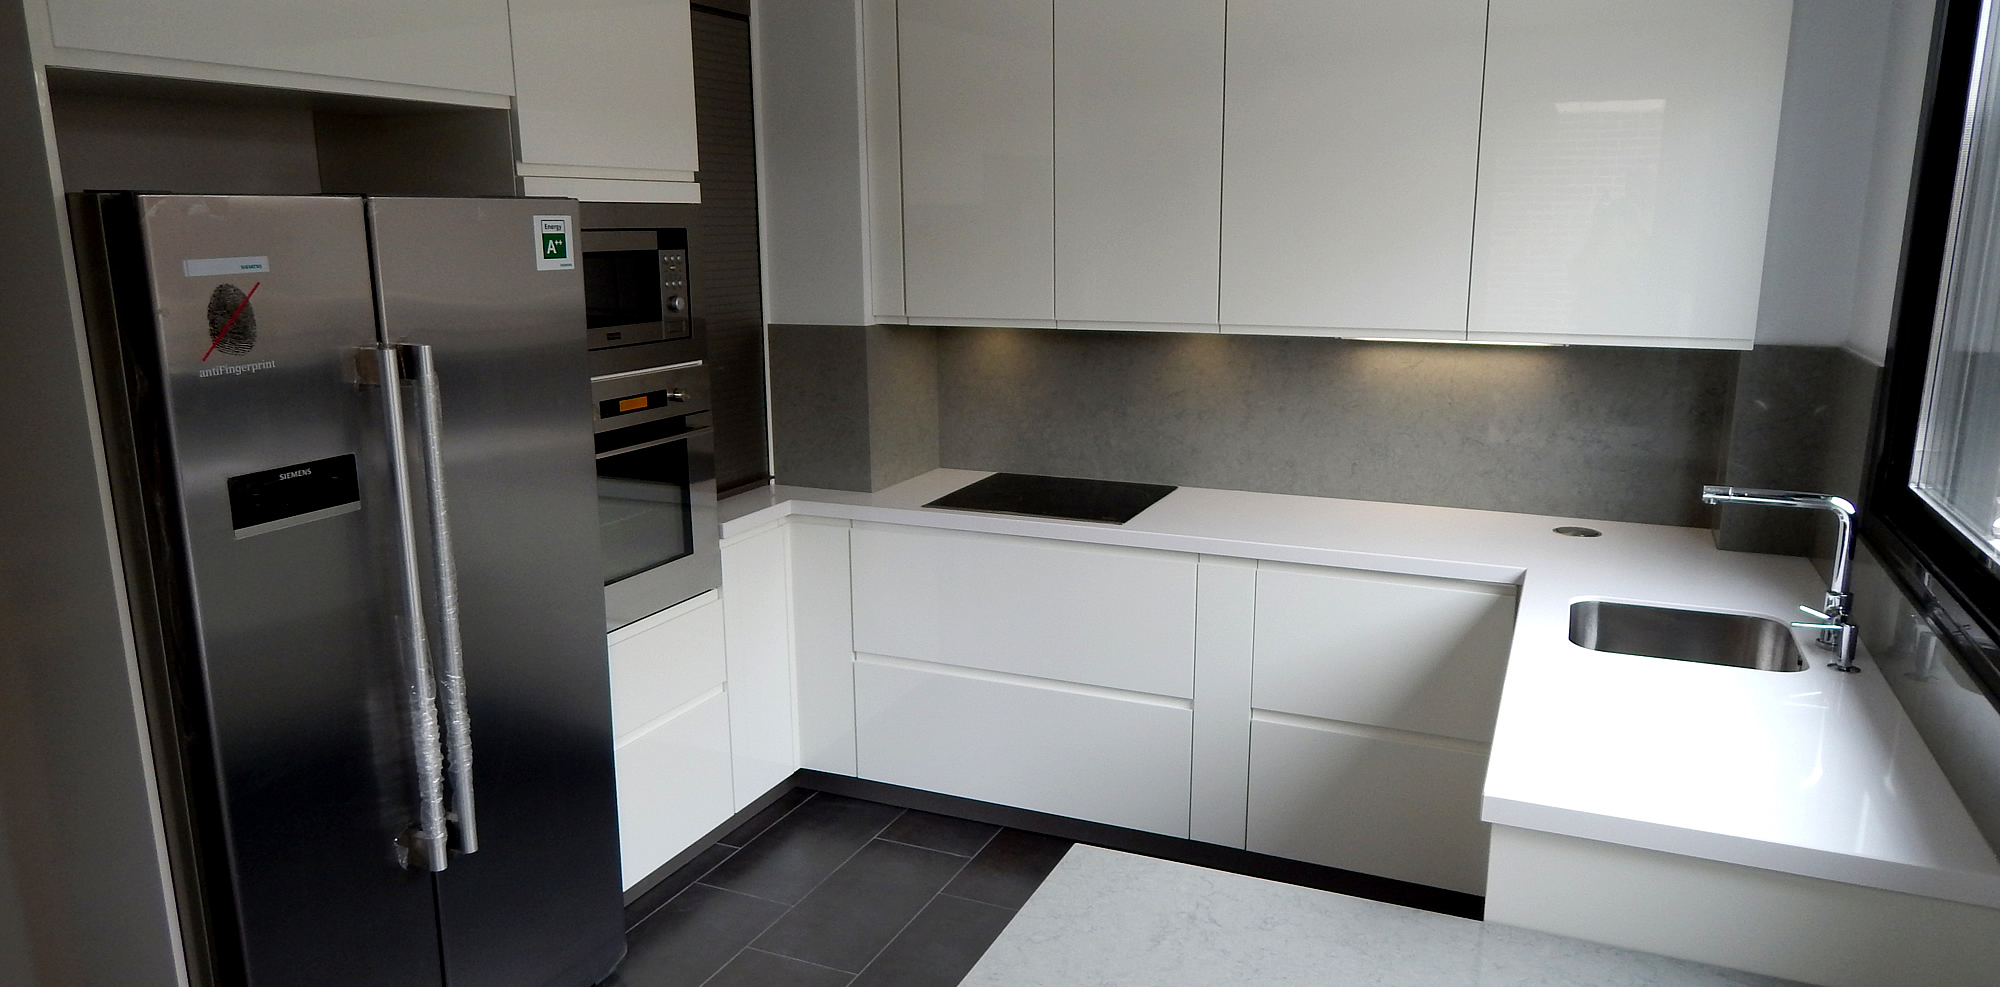 Muebles de cocina modelo 5025 for Muebles altos de cocina